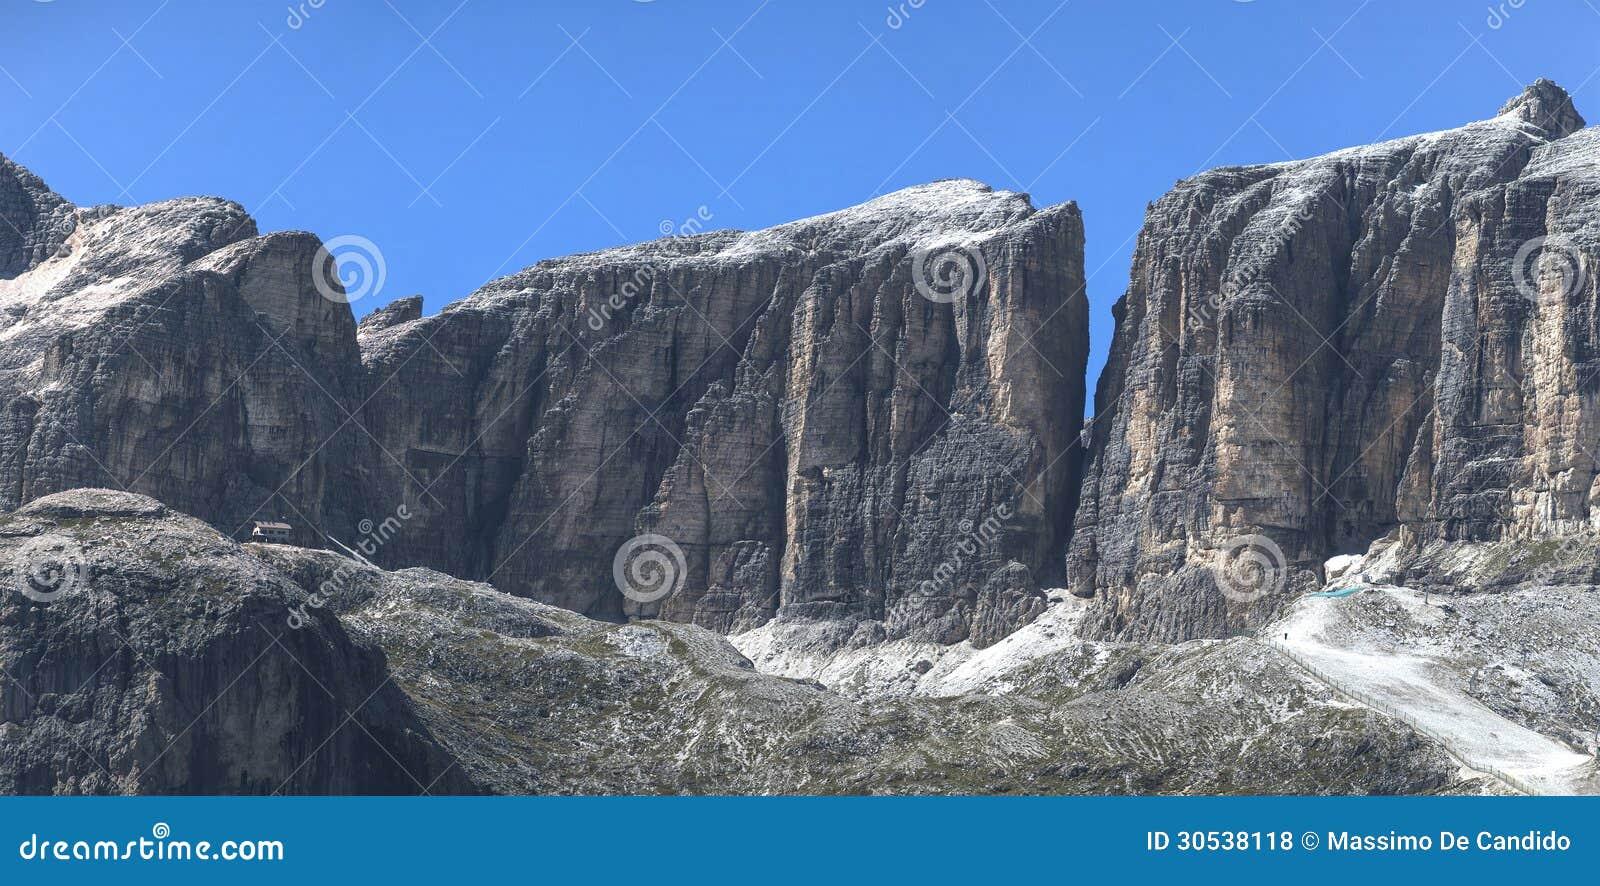 ... - Dolomites Mountain Royalty Free Stock Photos - Image: 30538118: www.dreamstime.com/royalty-free-stock-photos-sella-group-vallon...